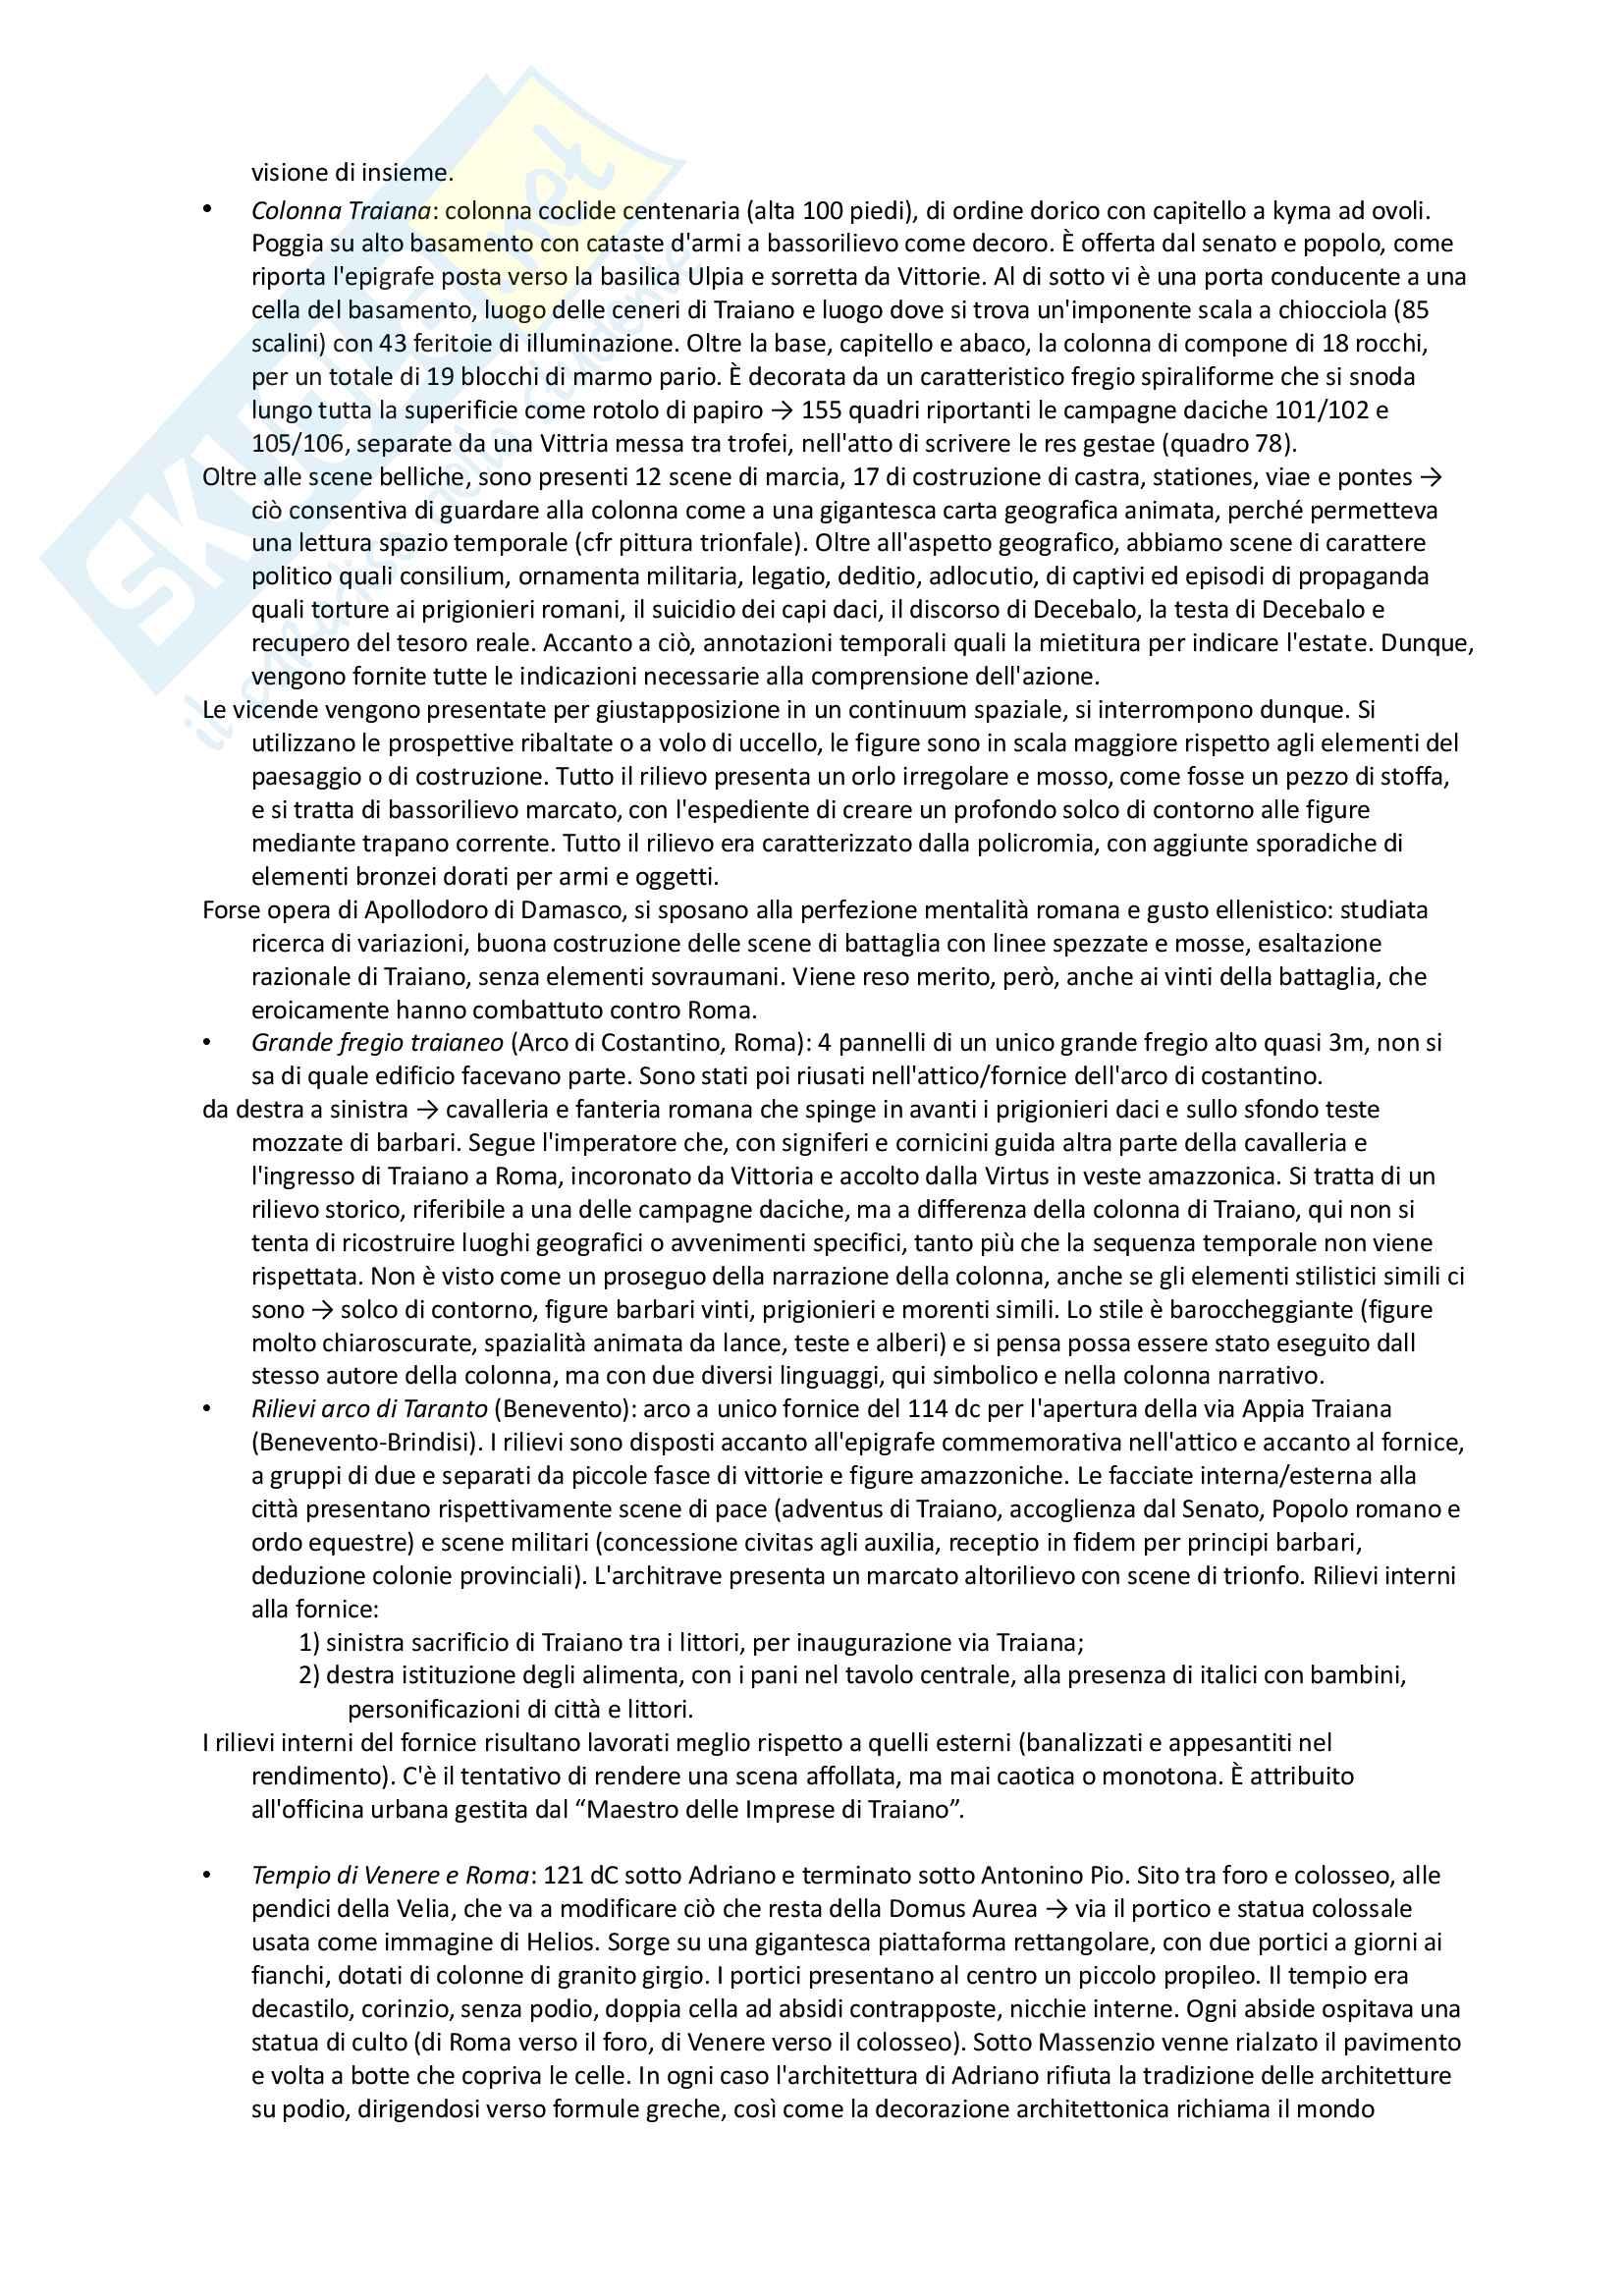 Riassunto esame archeologia romana, prof. Angiolillo, testo consigliato L'Arte dell'Antichità Classica (Etruria Roma) di Bianchi Bandinelli, Torelli Pag. 31